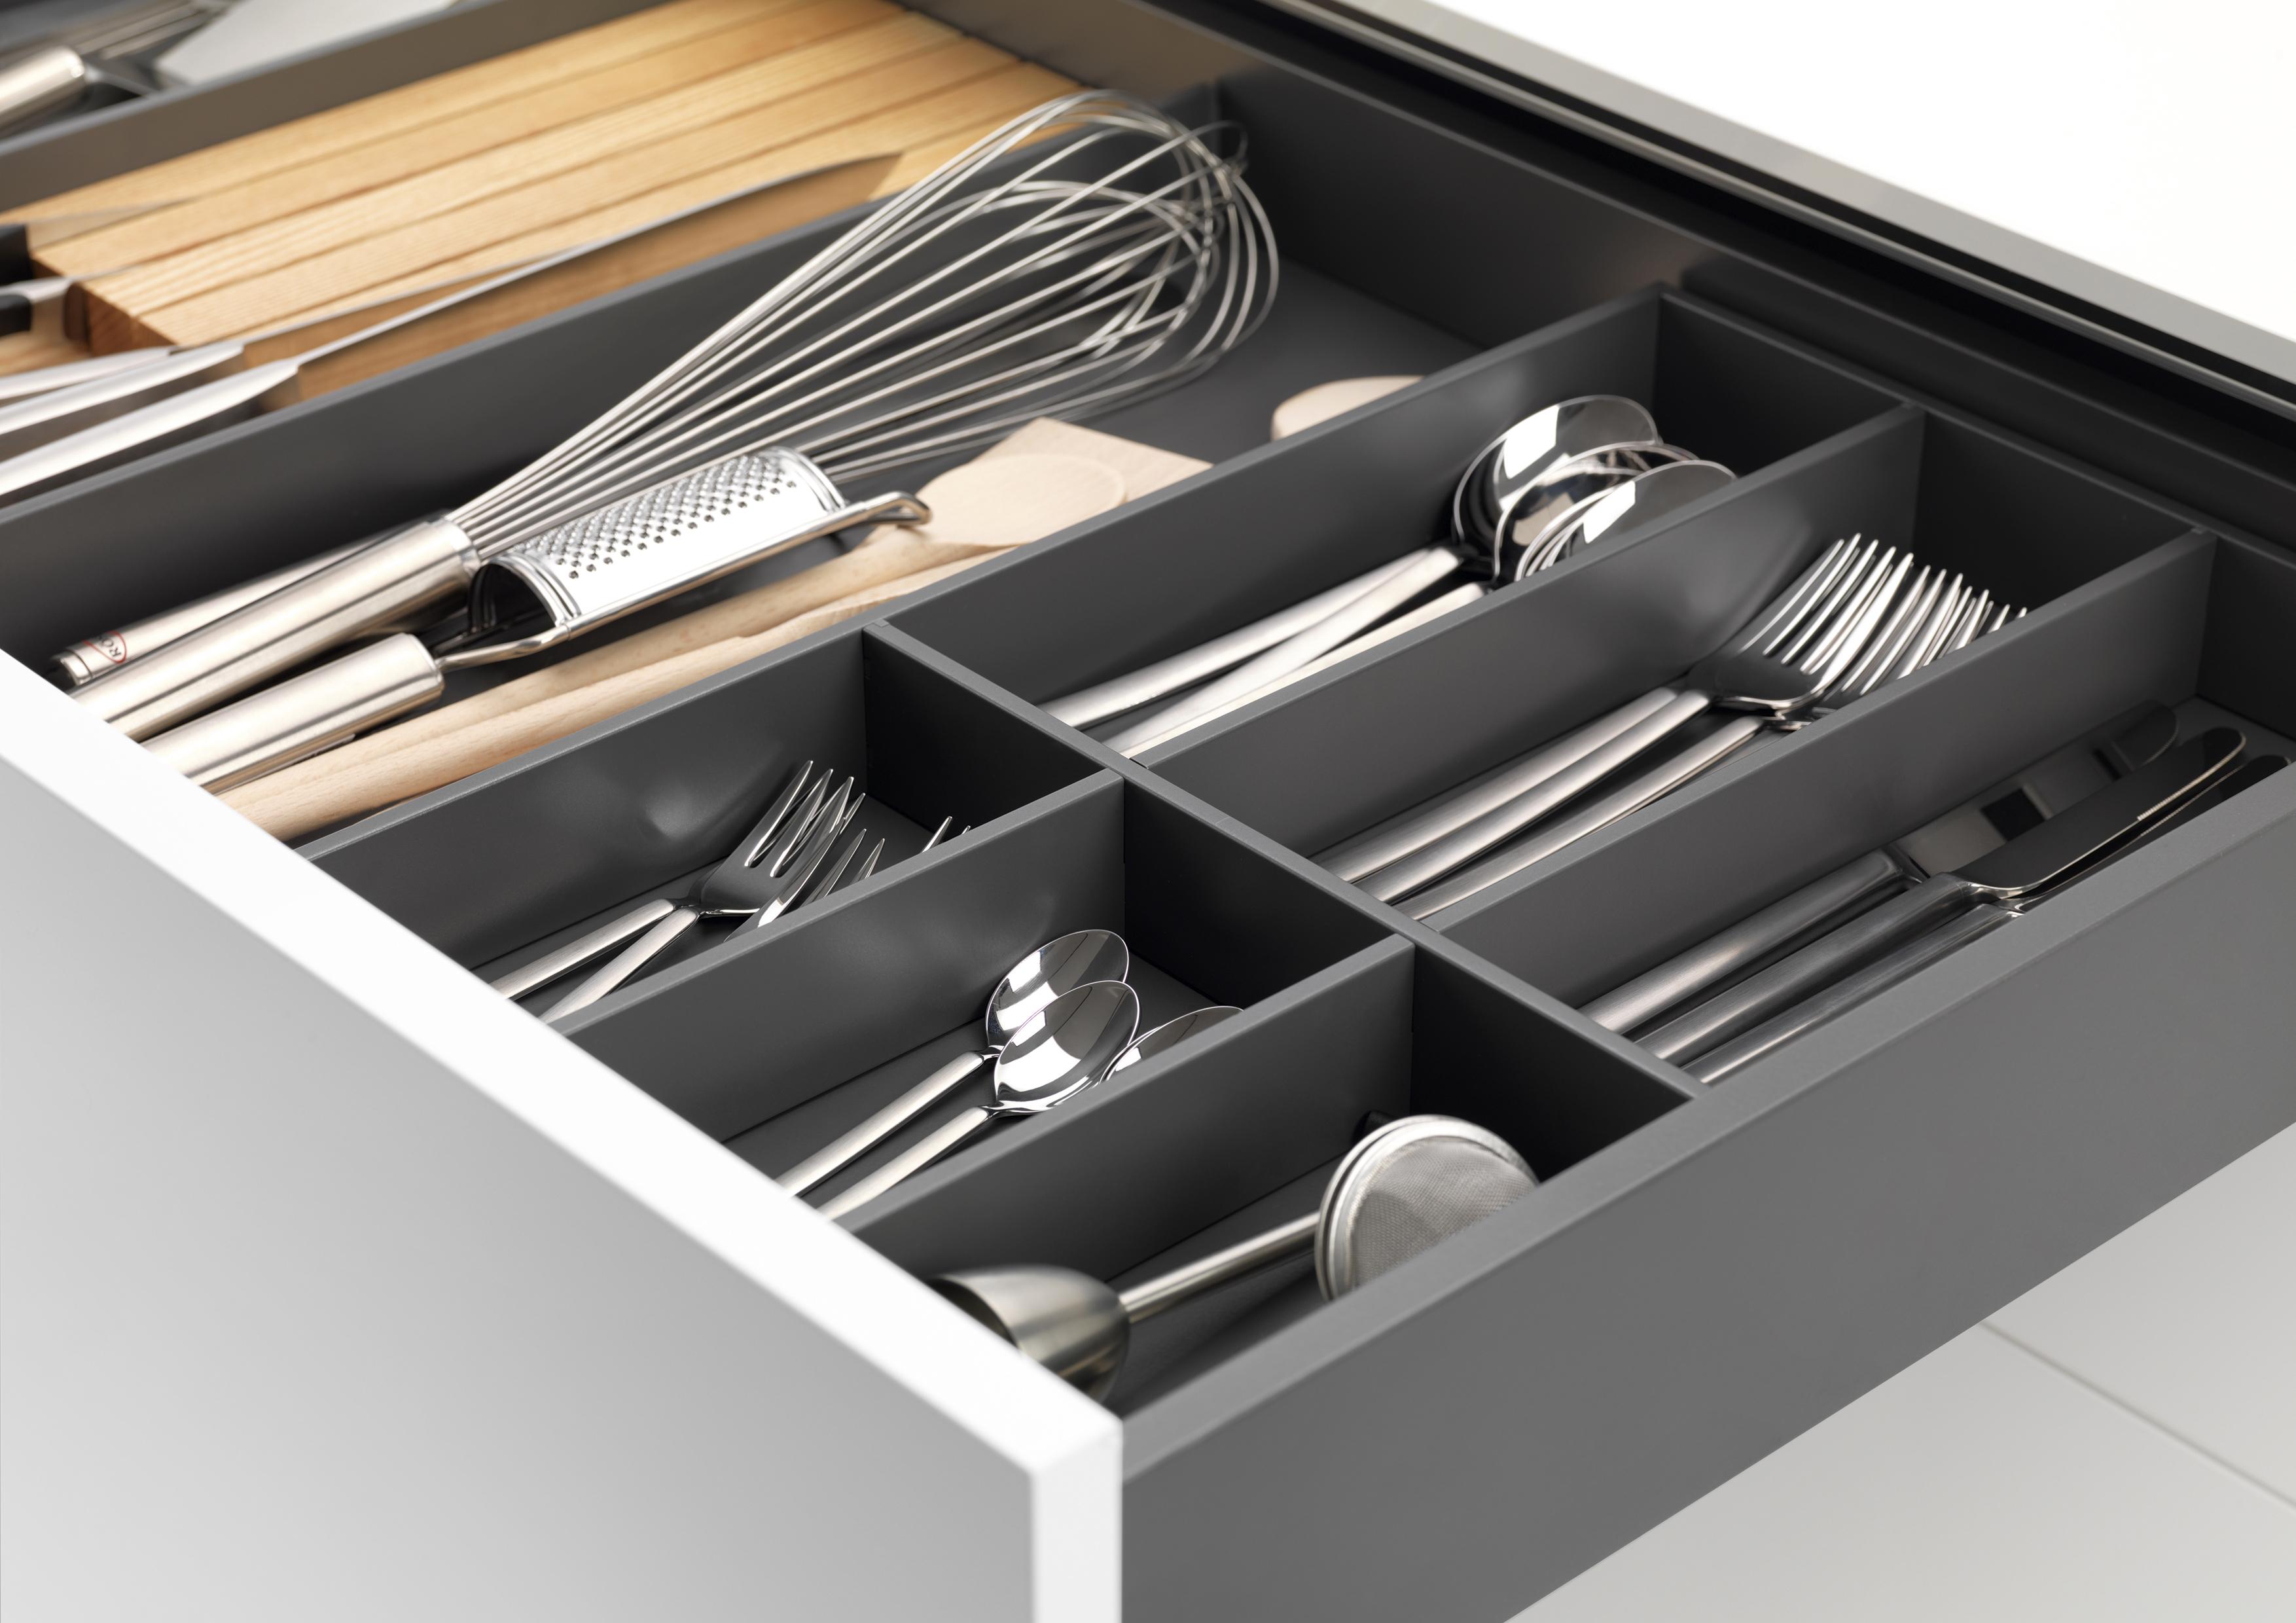 Besteckeinsatz nach Maß: Das GRASS Besteckkasten-System Tavinea passt in jede Küchenschublade